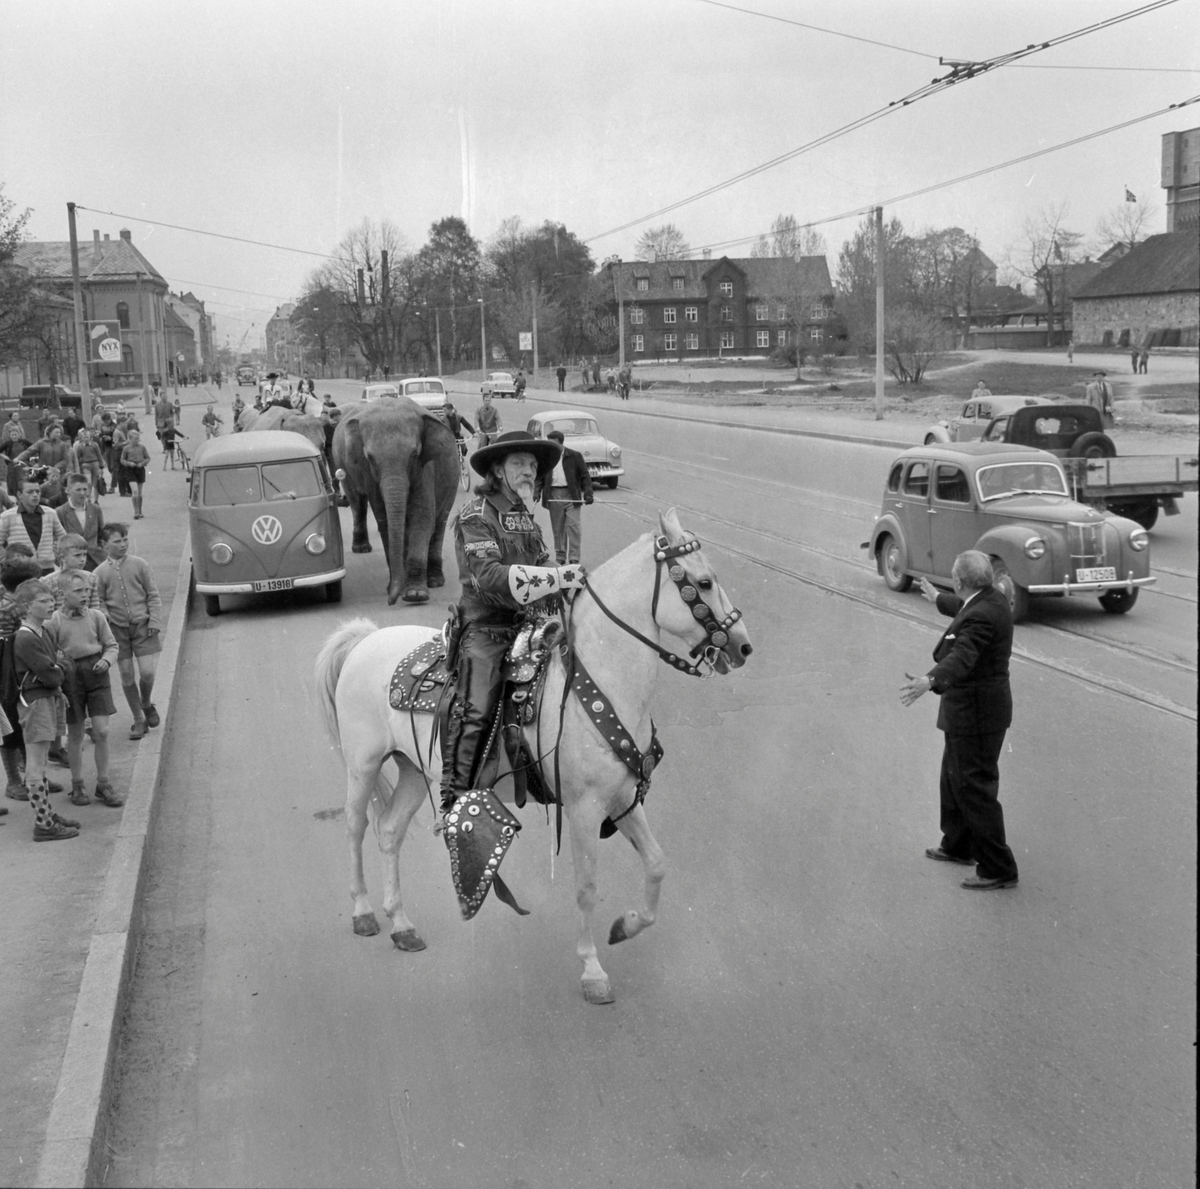 Cirkus Berny i byen. Buffalo Bill i Prinsens gate og på Elgeseter bru